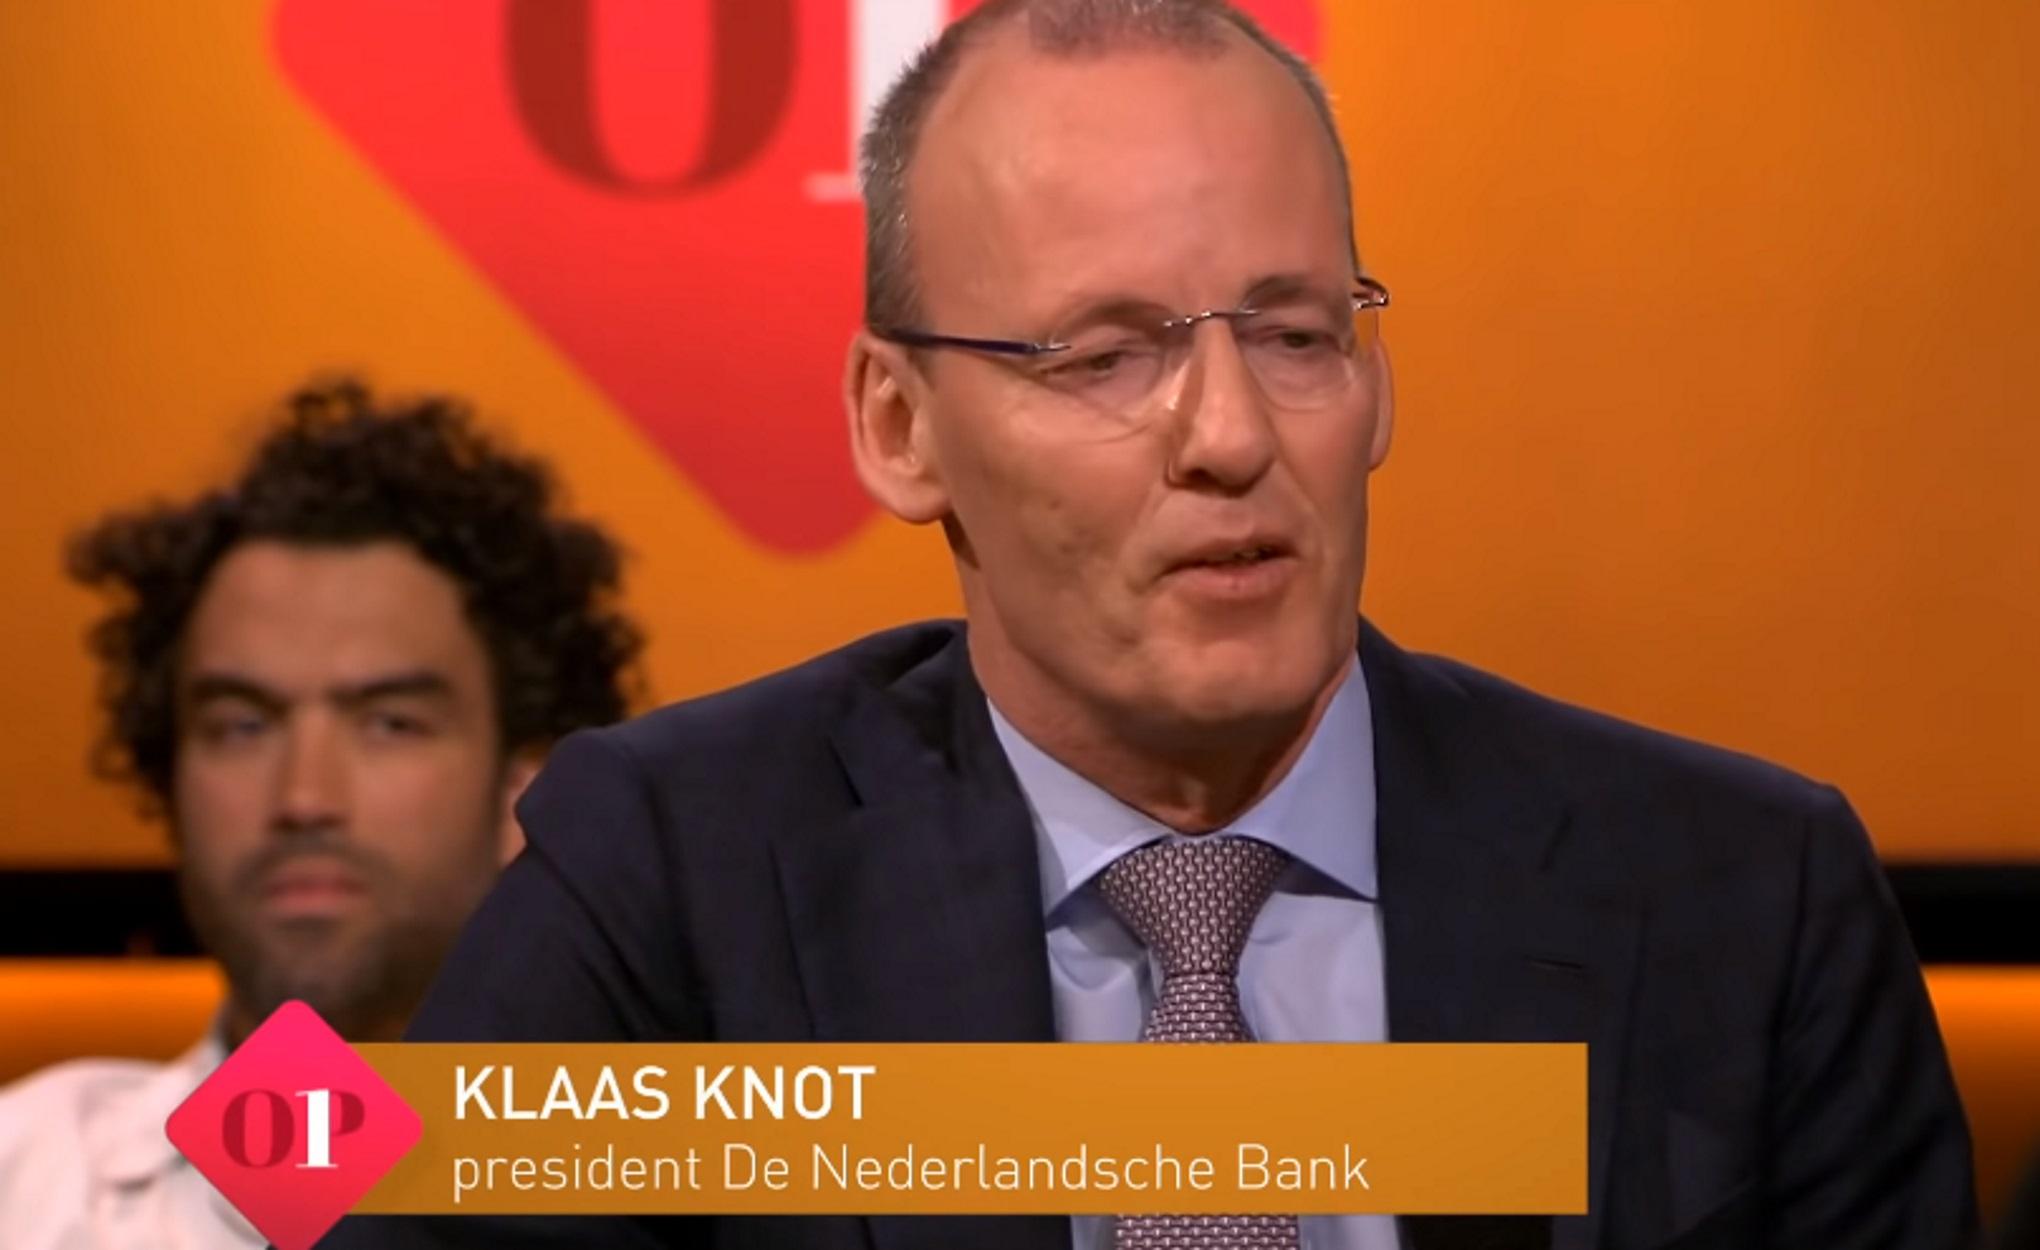 """Άμστερνταμ: Ναι στο ευρωπαϊκό σχέδιο στήριξης από τον Ολλανδό """"Στουρνάρα"""""""